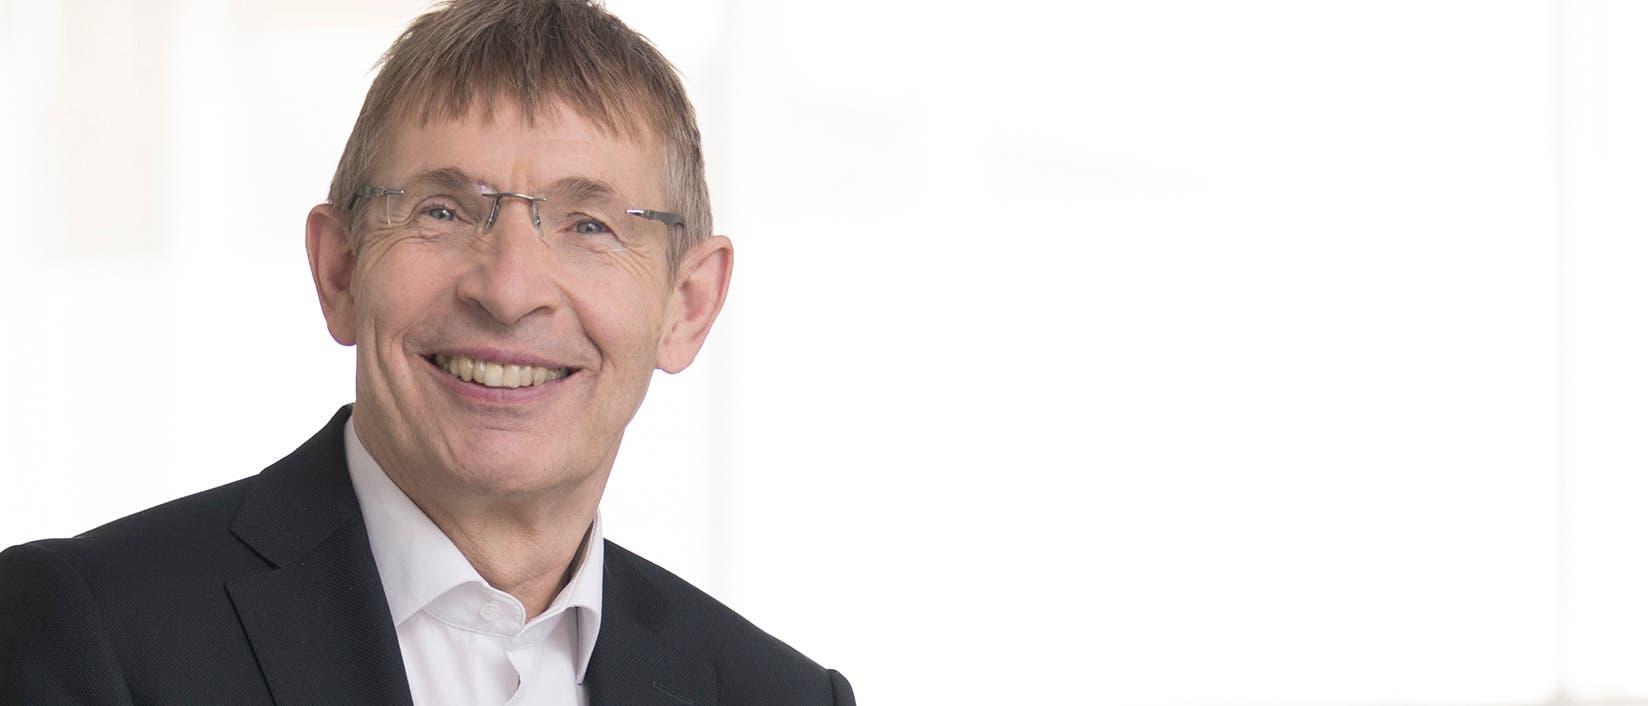 Klaus Cichutek ist Präsident des Paul-Ehrlich-Instituts und außerplanmäßiger Professor für Biochemie an der Johann Wolfgang Goethe-Universität in Frankfurt am Main. Er forscht über biomedizinische Arzneimittel, Gentherapie und Retrovirologie mit dem Schwerpunkt der HIV/SIV-Immunpathogenese und Aids.